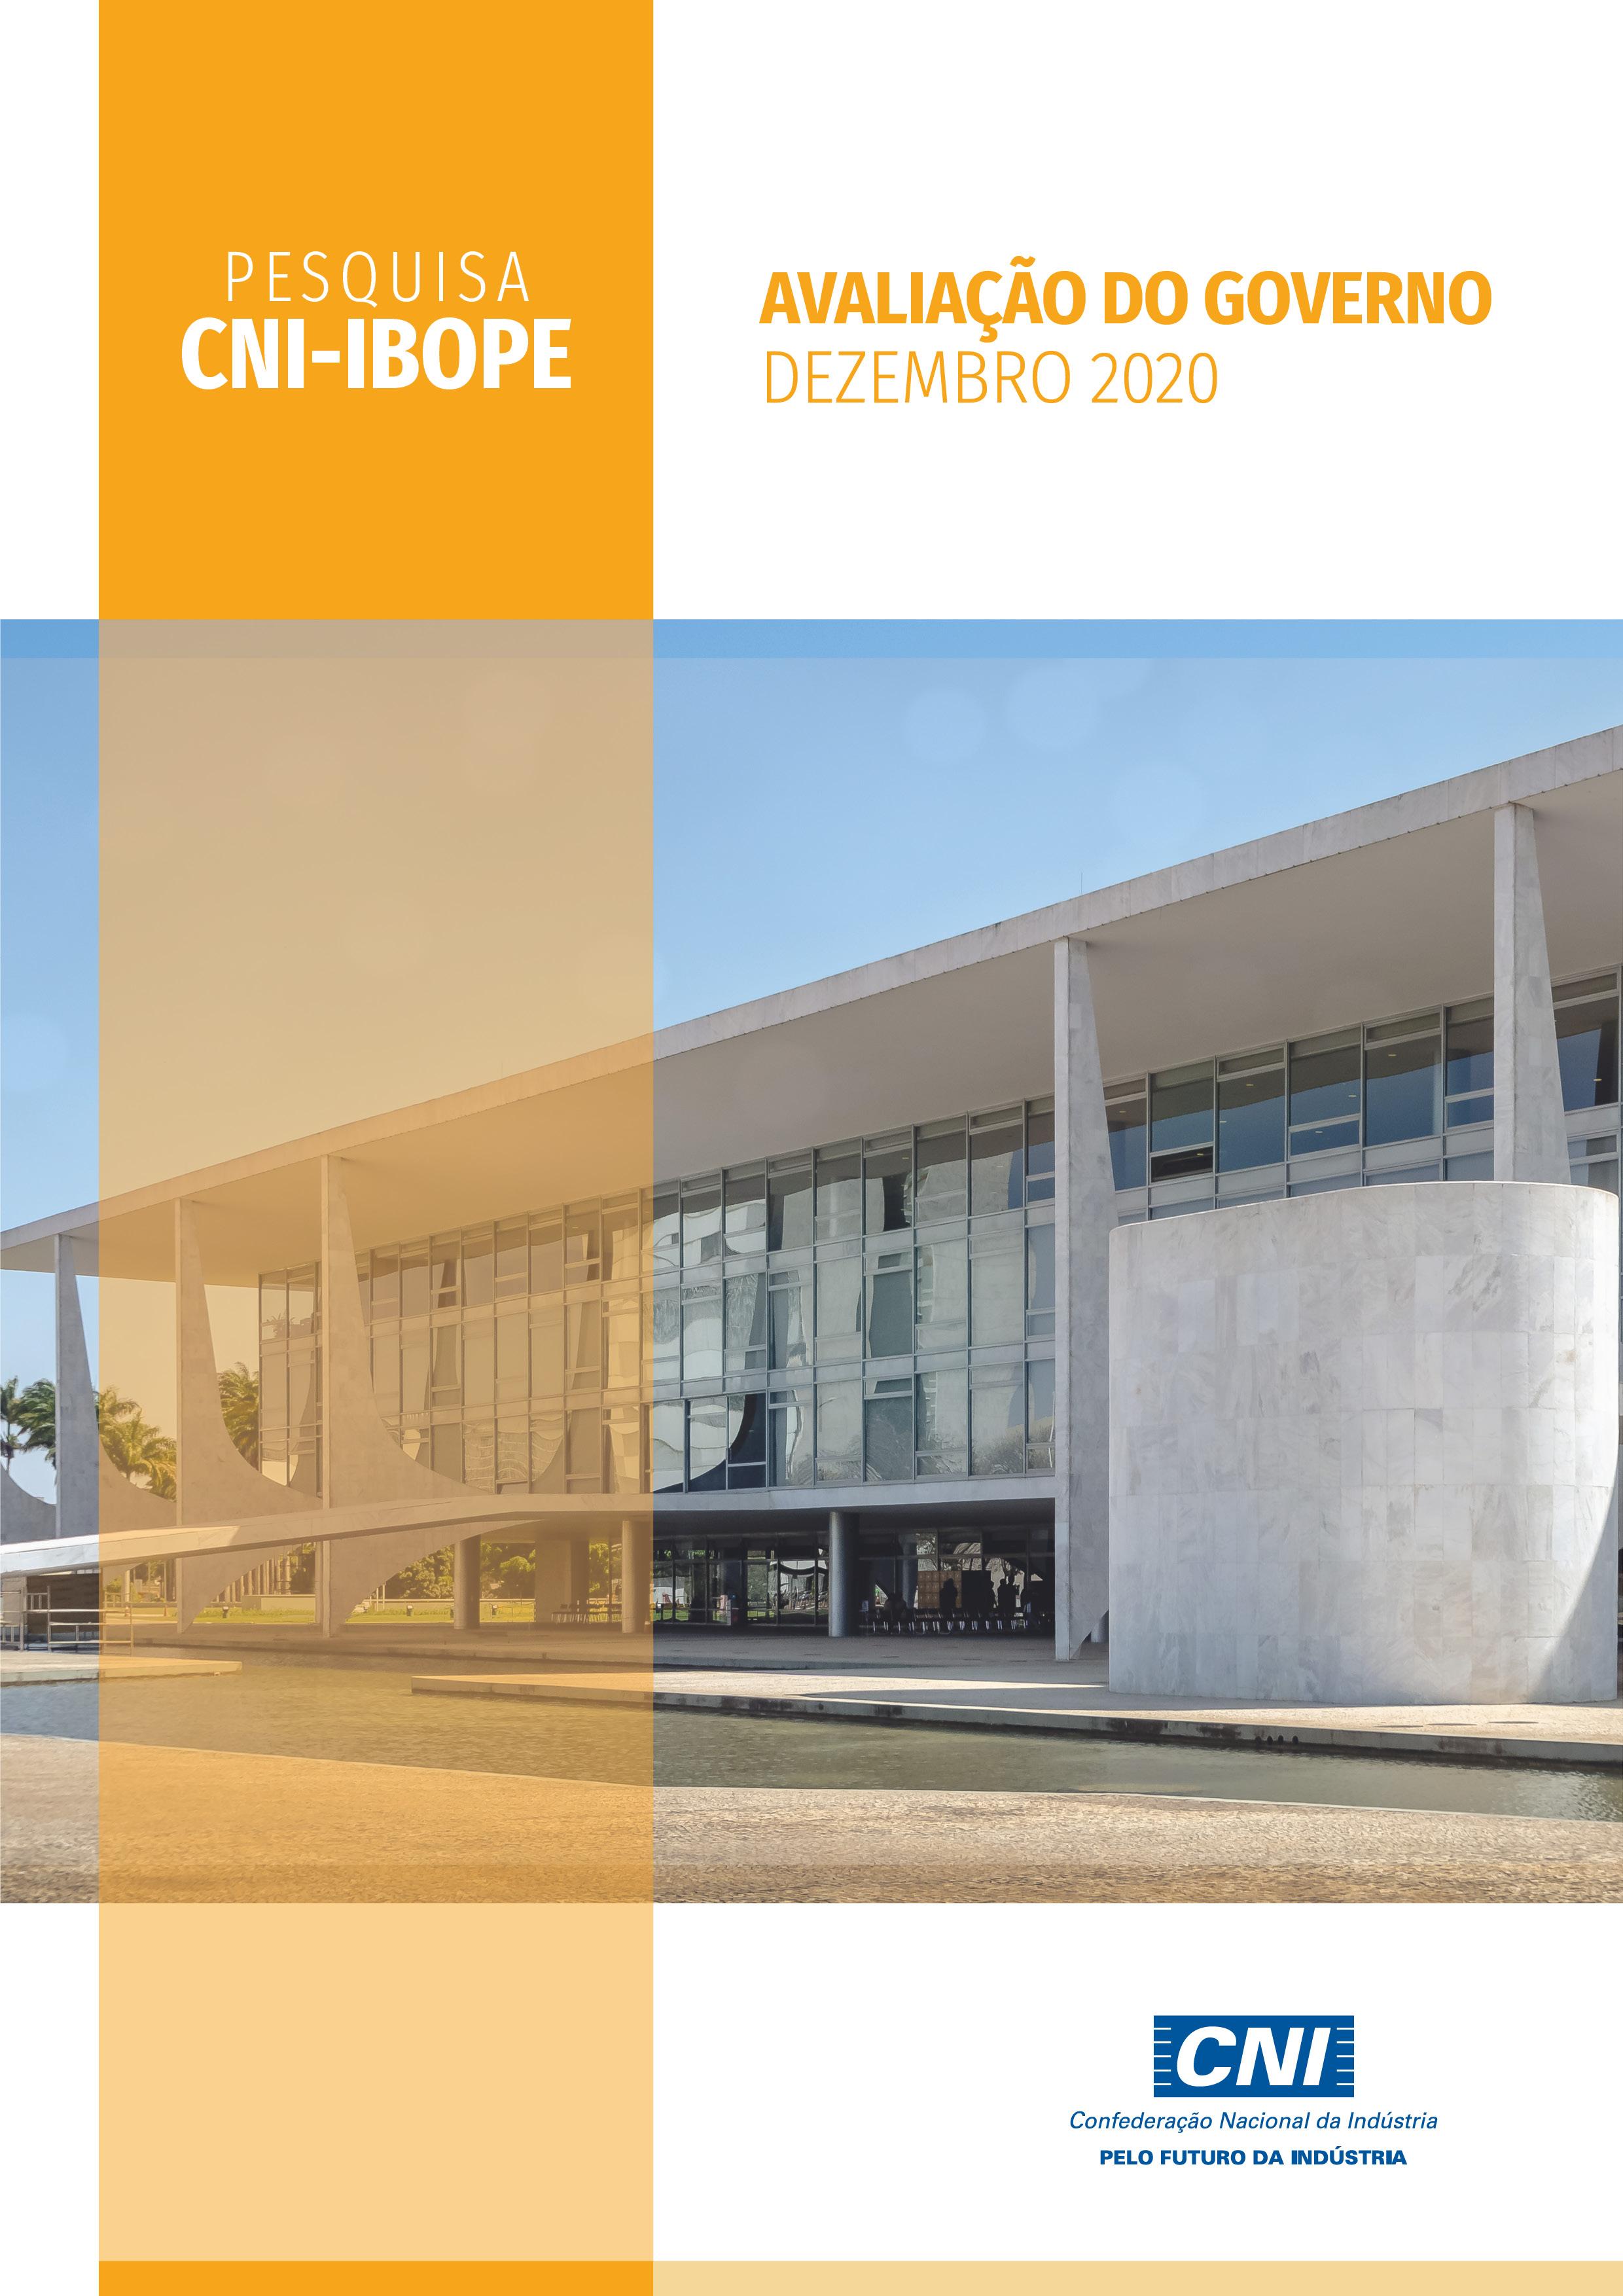 Pesquisa CNI-IBOPE: Avaliação do Governo